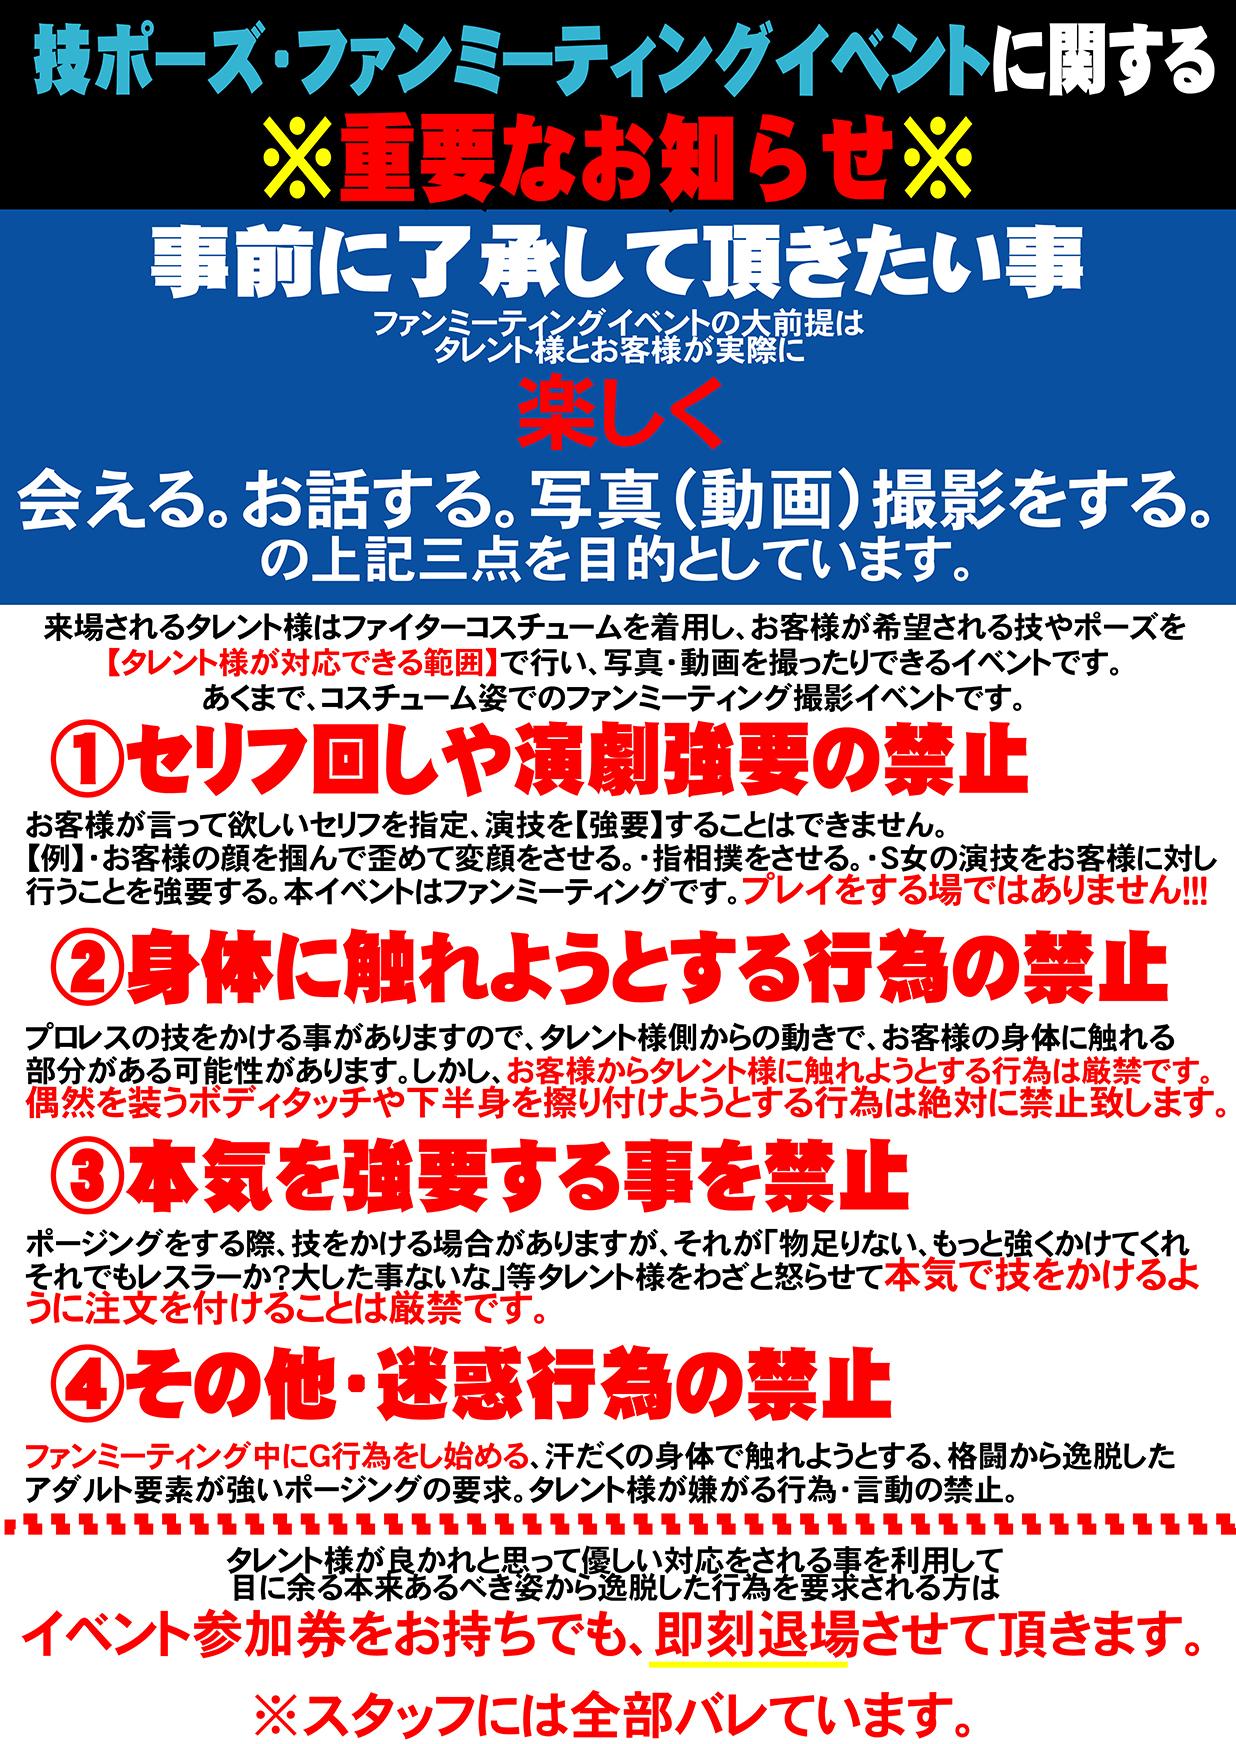 ファンミーティング_注意告知_web